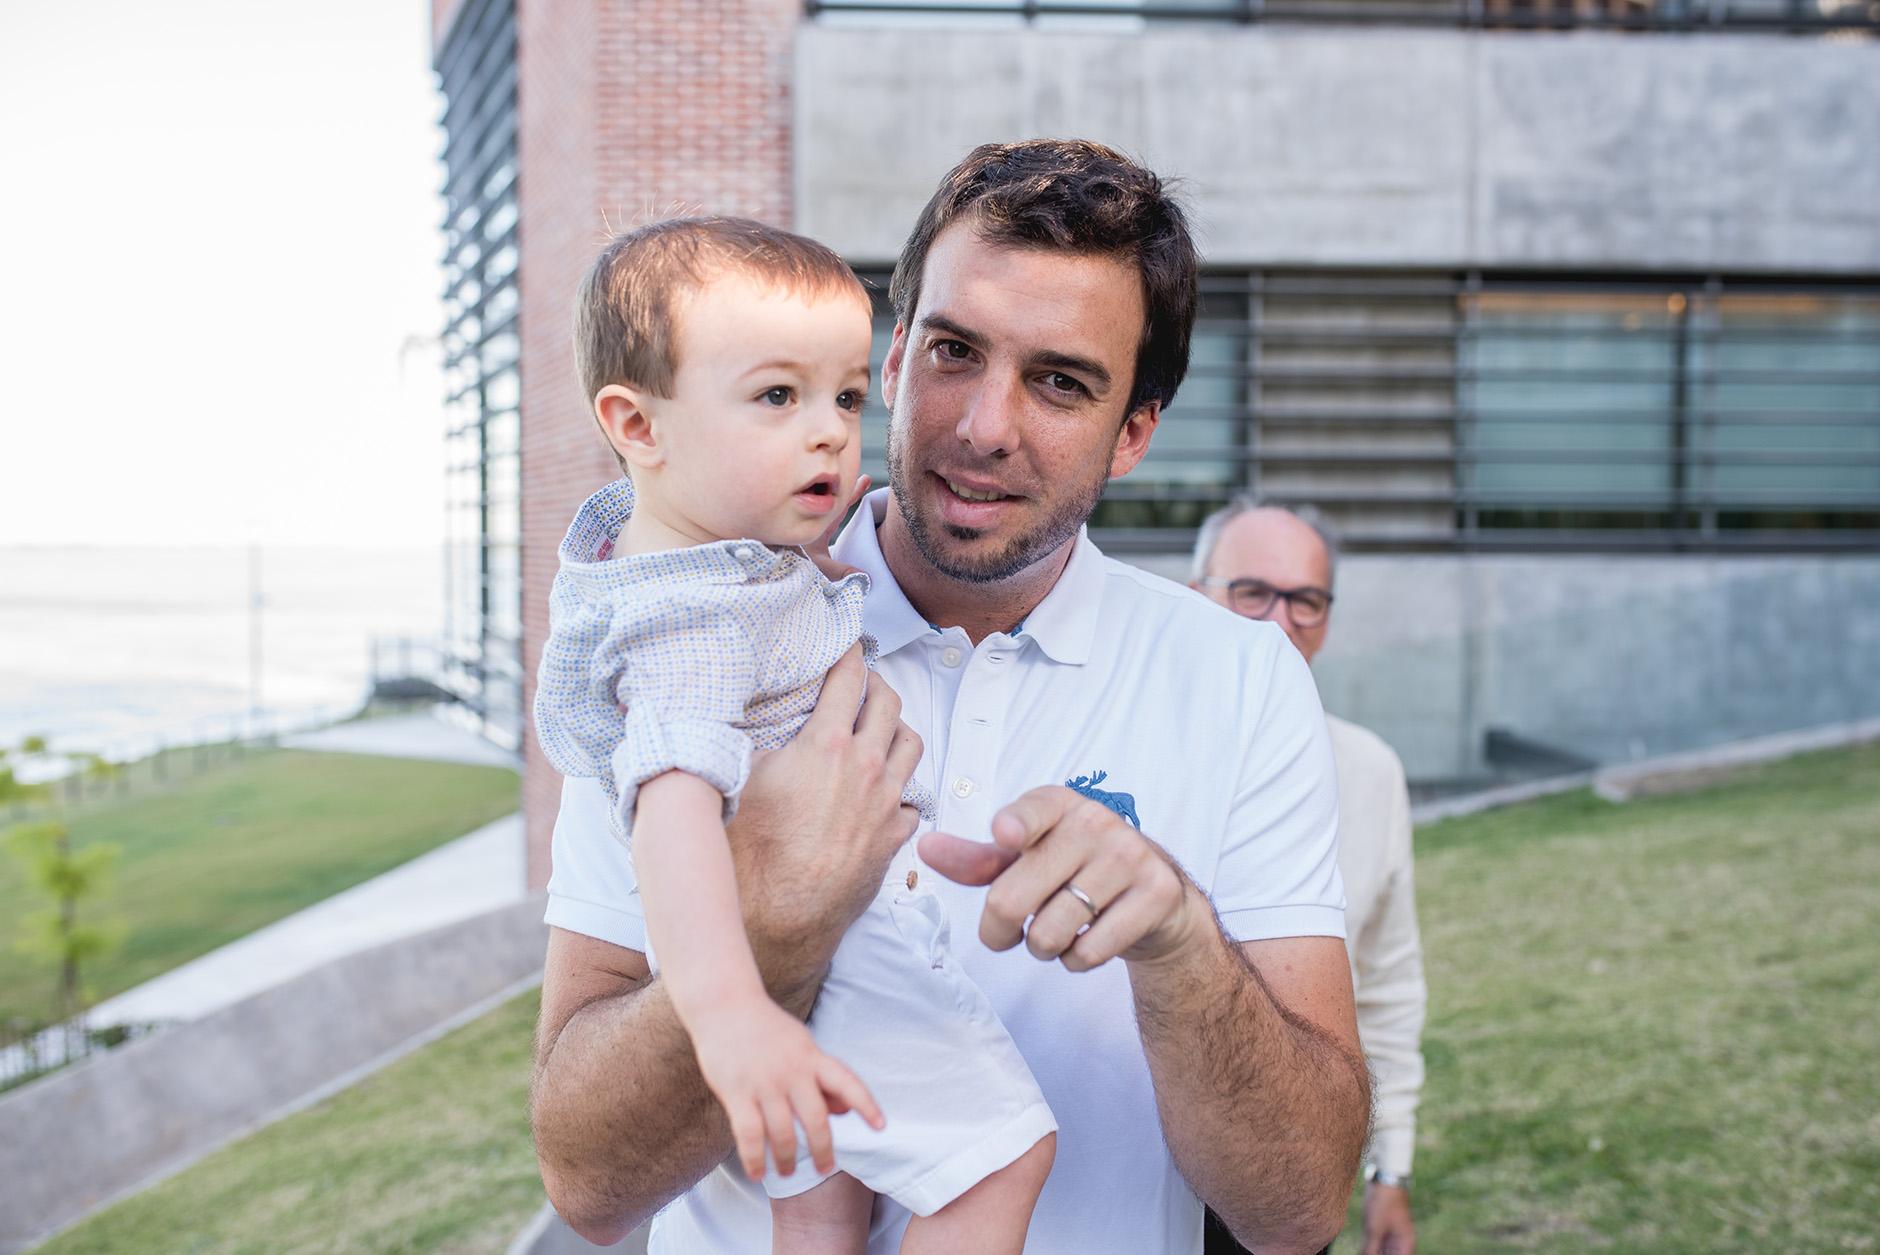 Fotos del cumple de Juani en Rosario realizado por Bucle Fotografias Flor Bosio y Caro Clerici